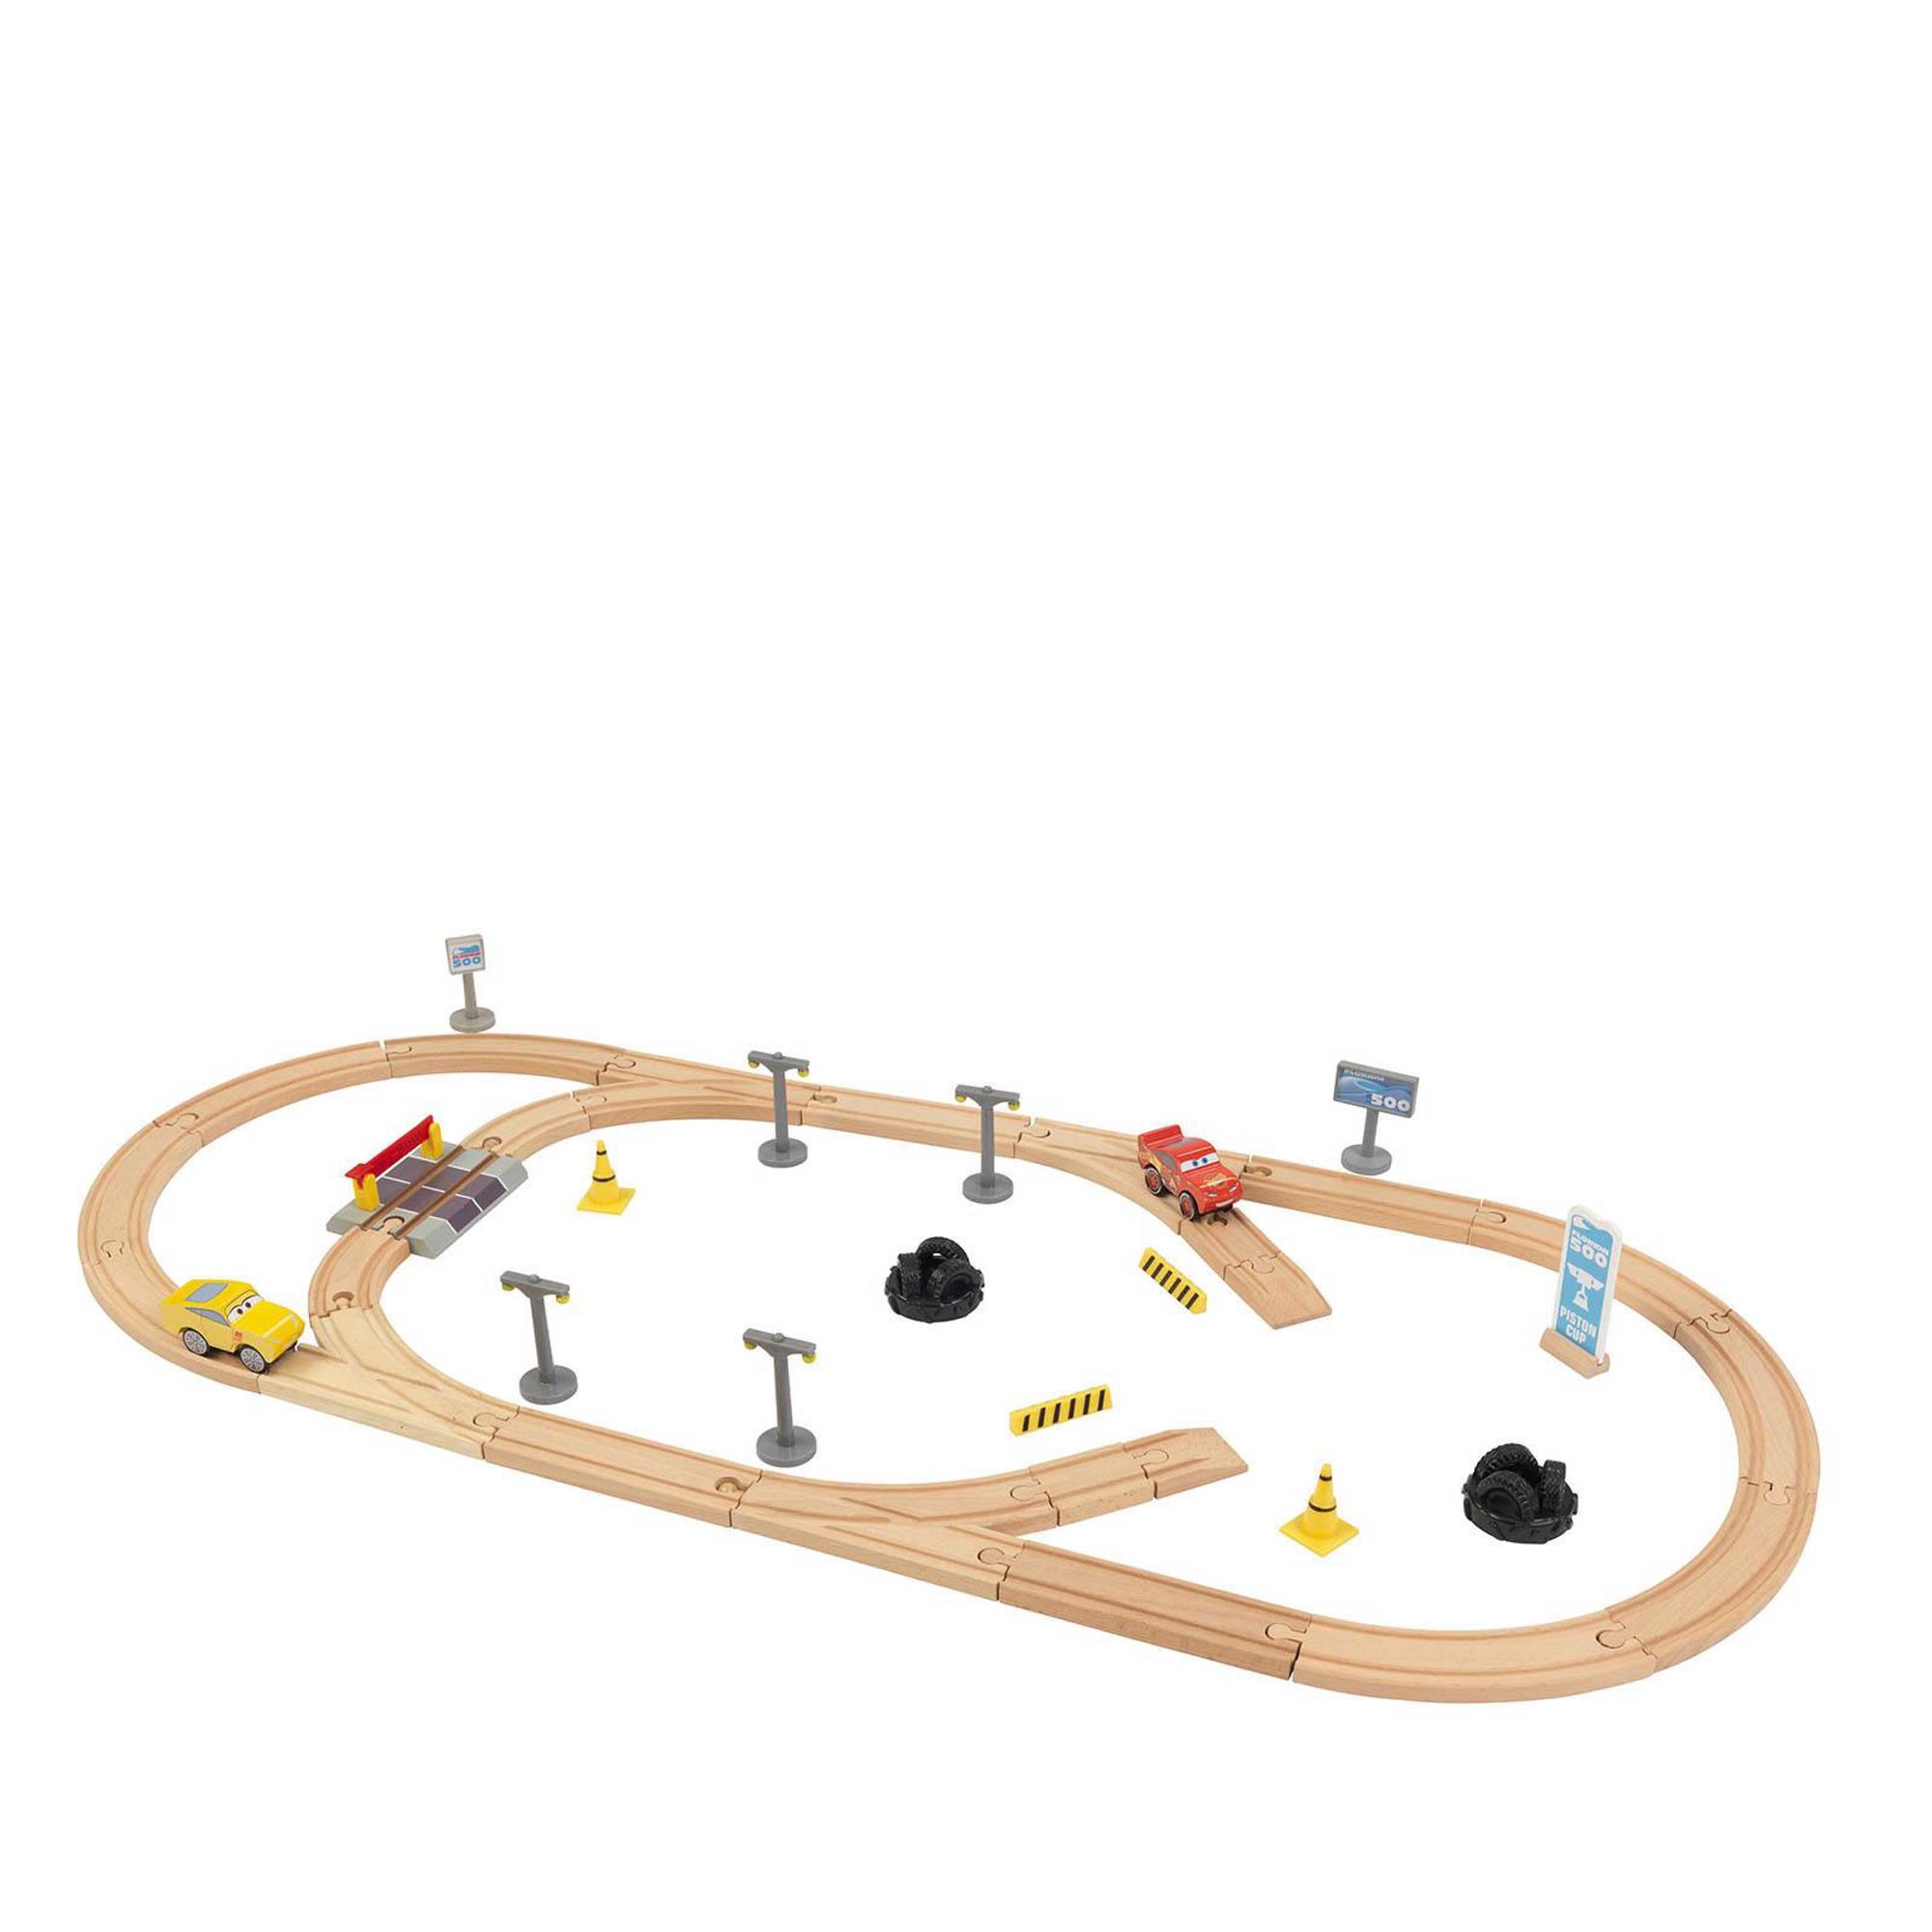 Kidkraft Disney Cars 3 57-delige houten treinset voor €24,95 @ Wehkamp